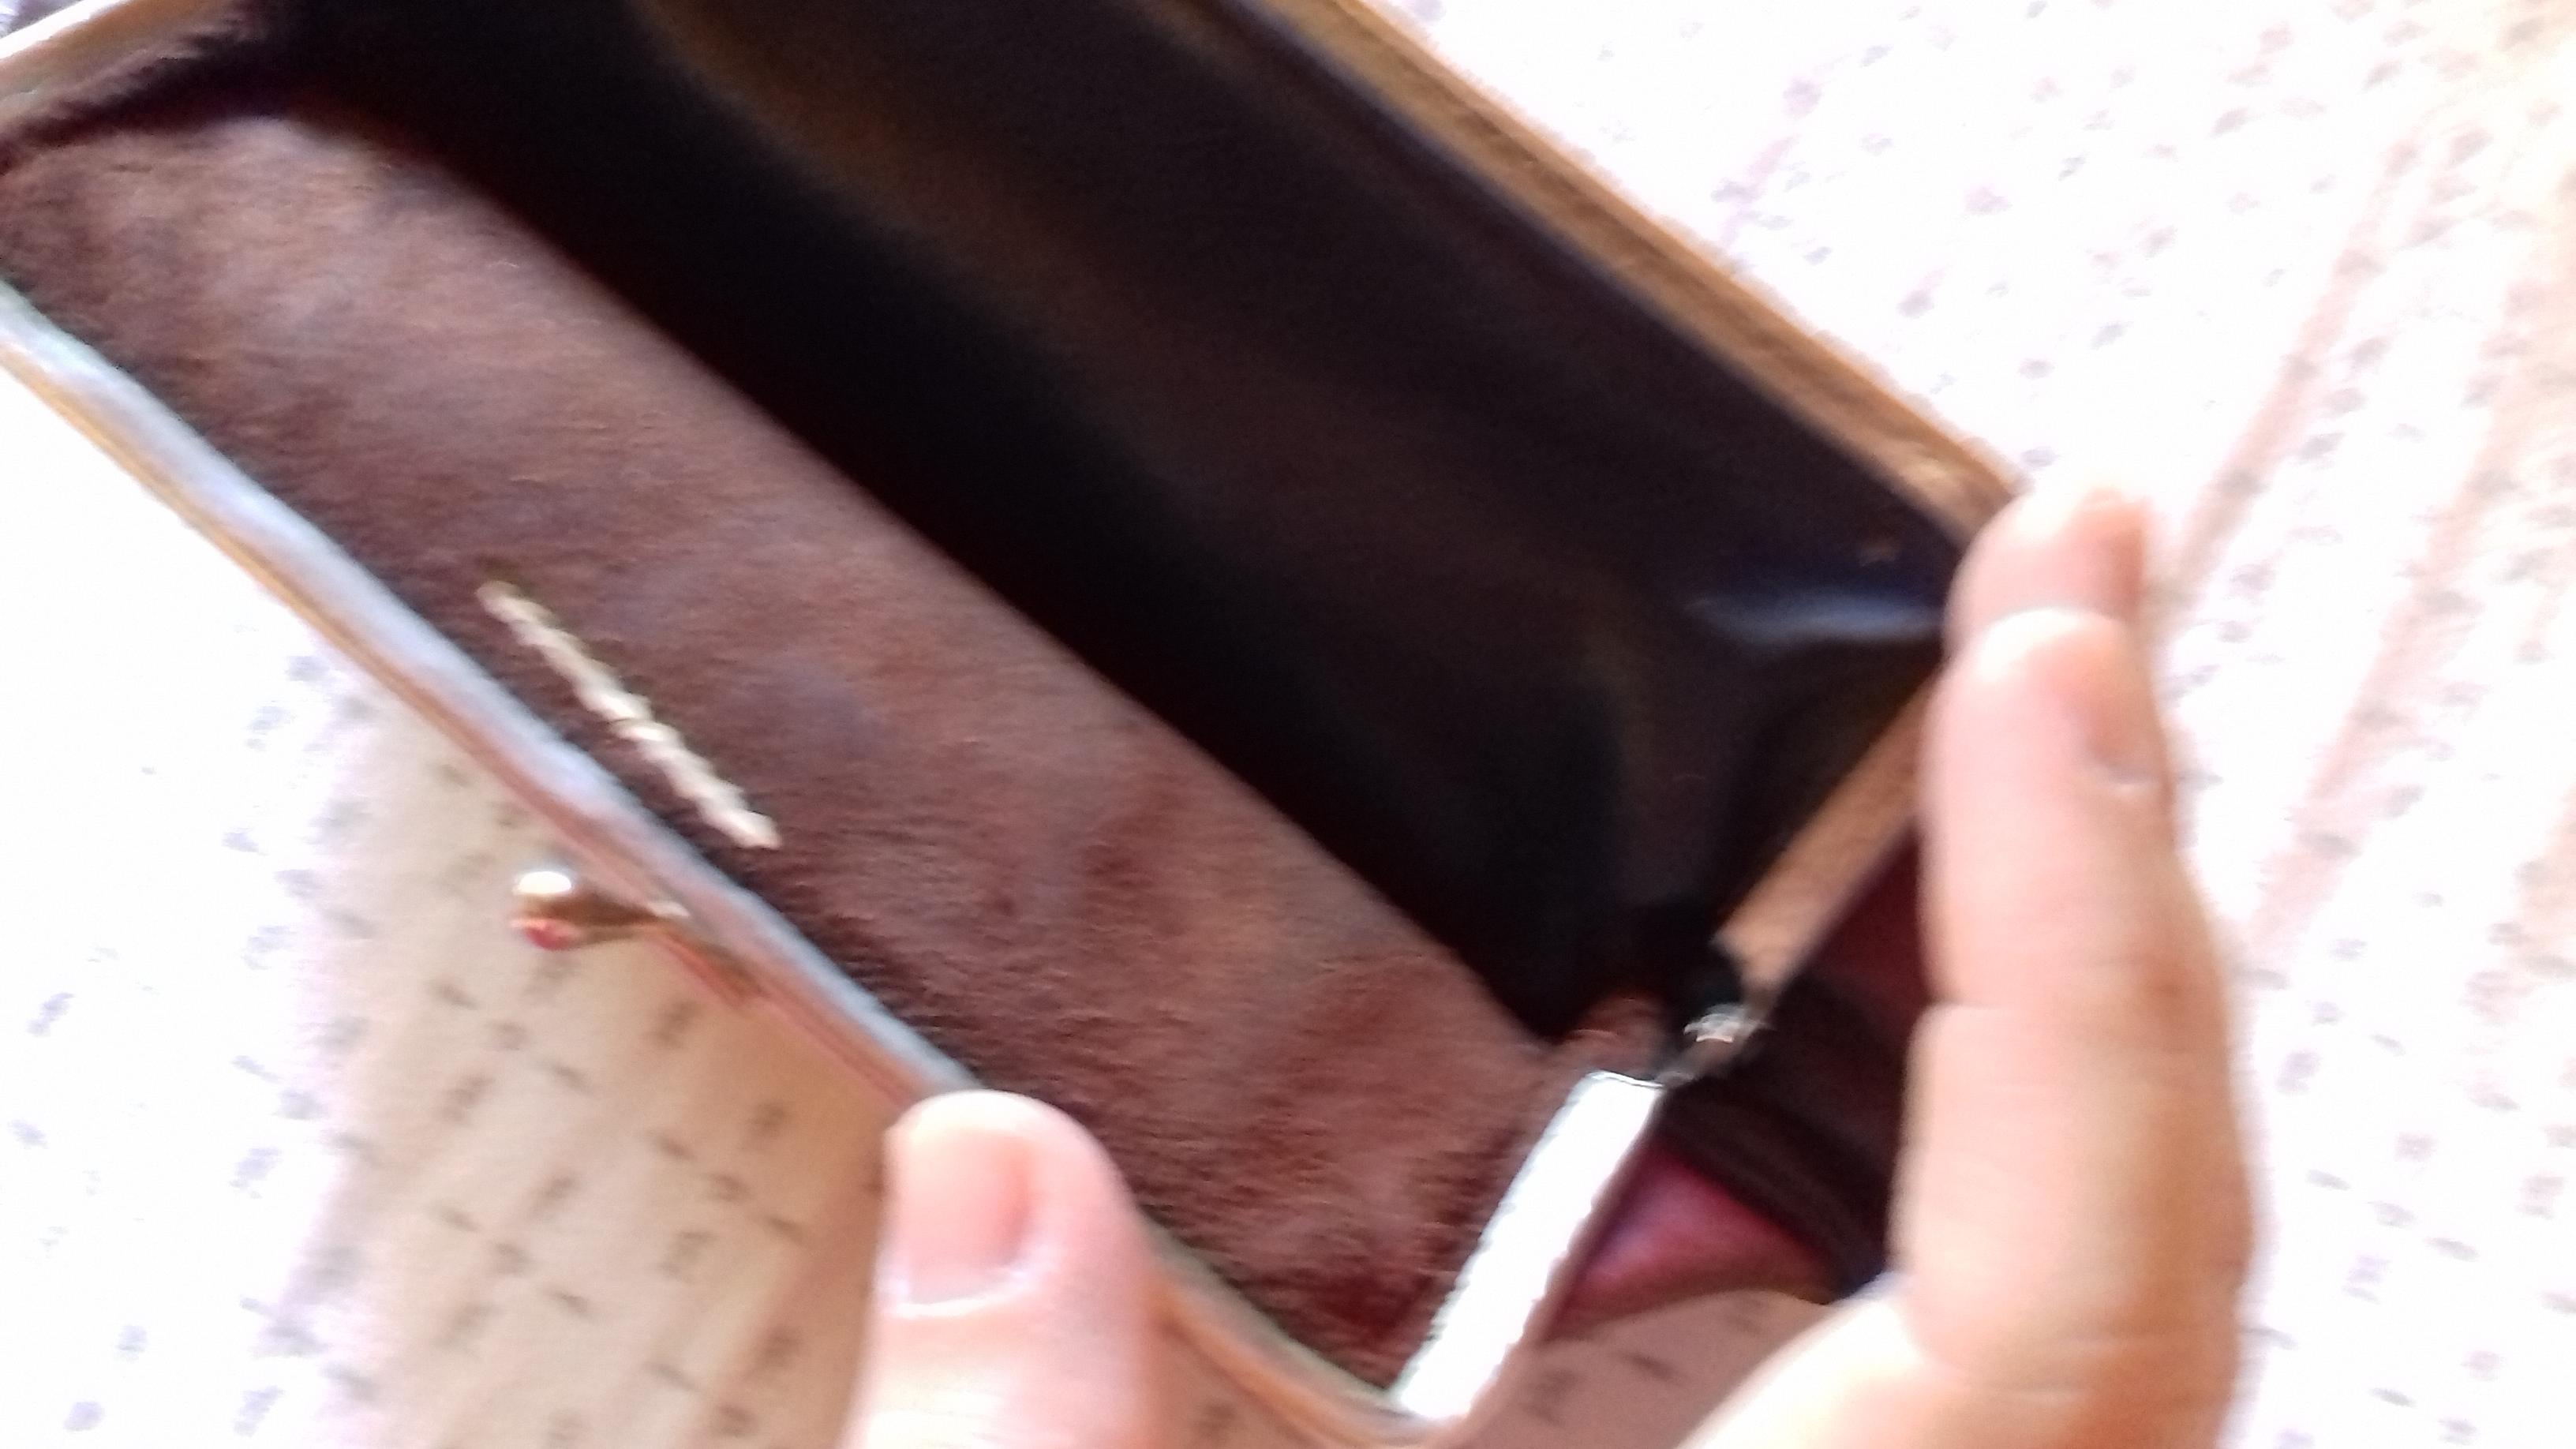 troc de troc porte monnaie image 1